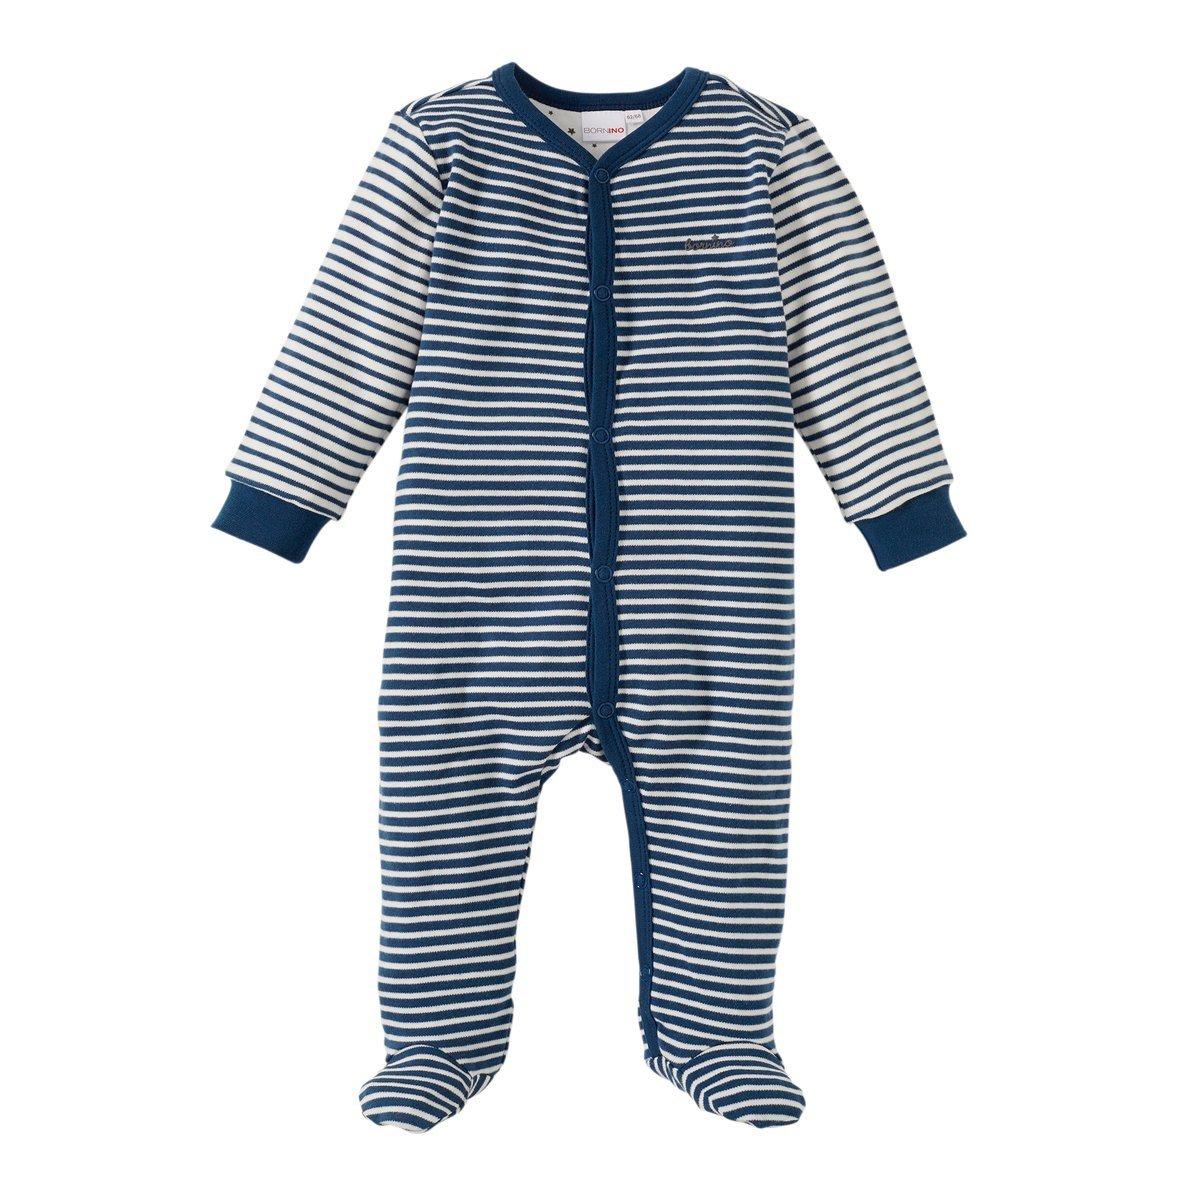 Bornino Baby Schlafanzug/Strampler / Schlafstrampler/Overall / Nachtwäsche / 100% Baumwolle